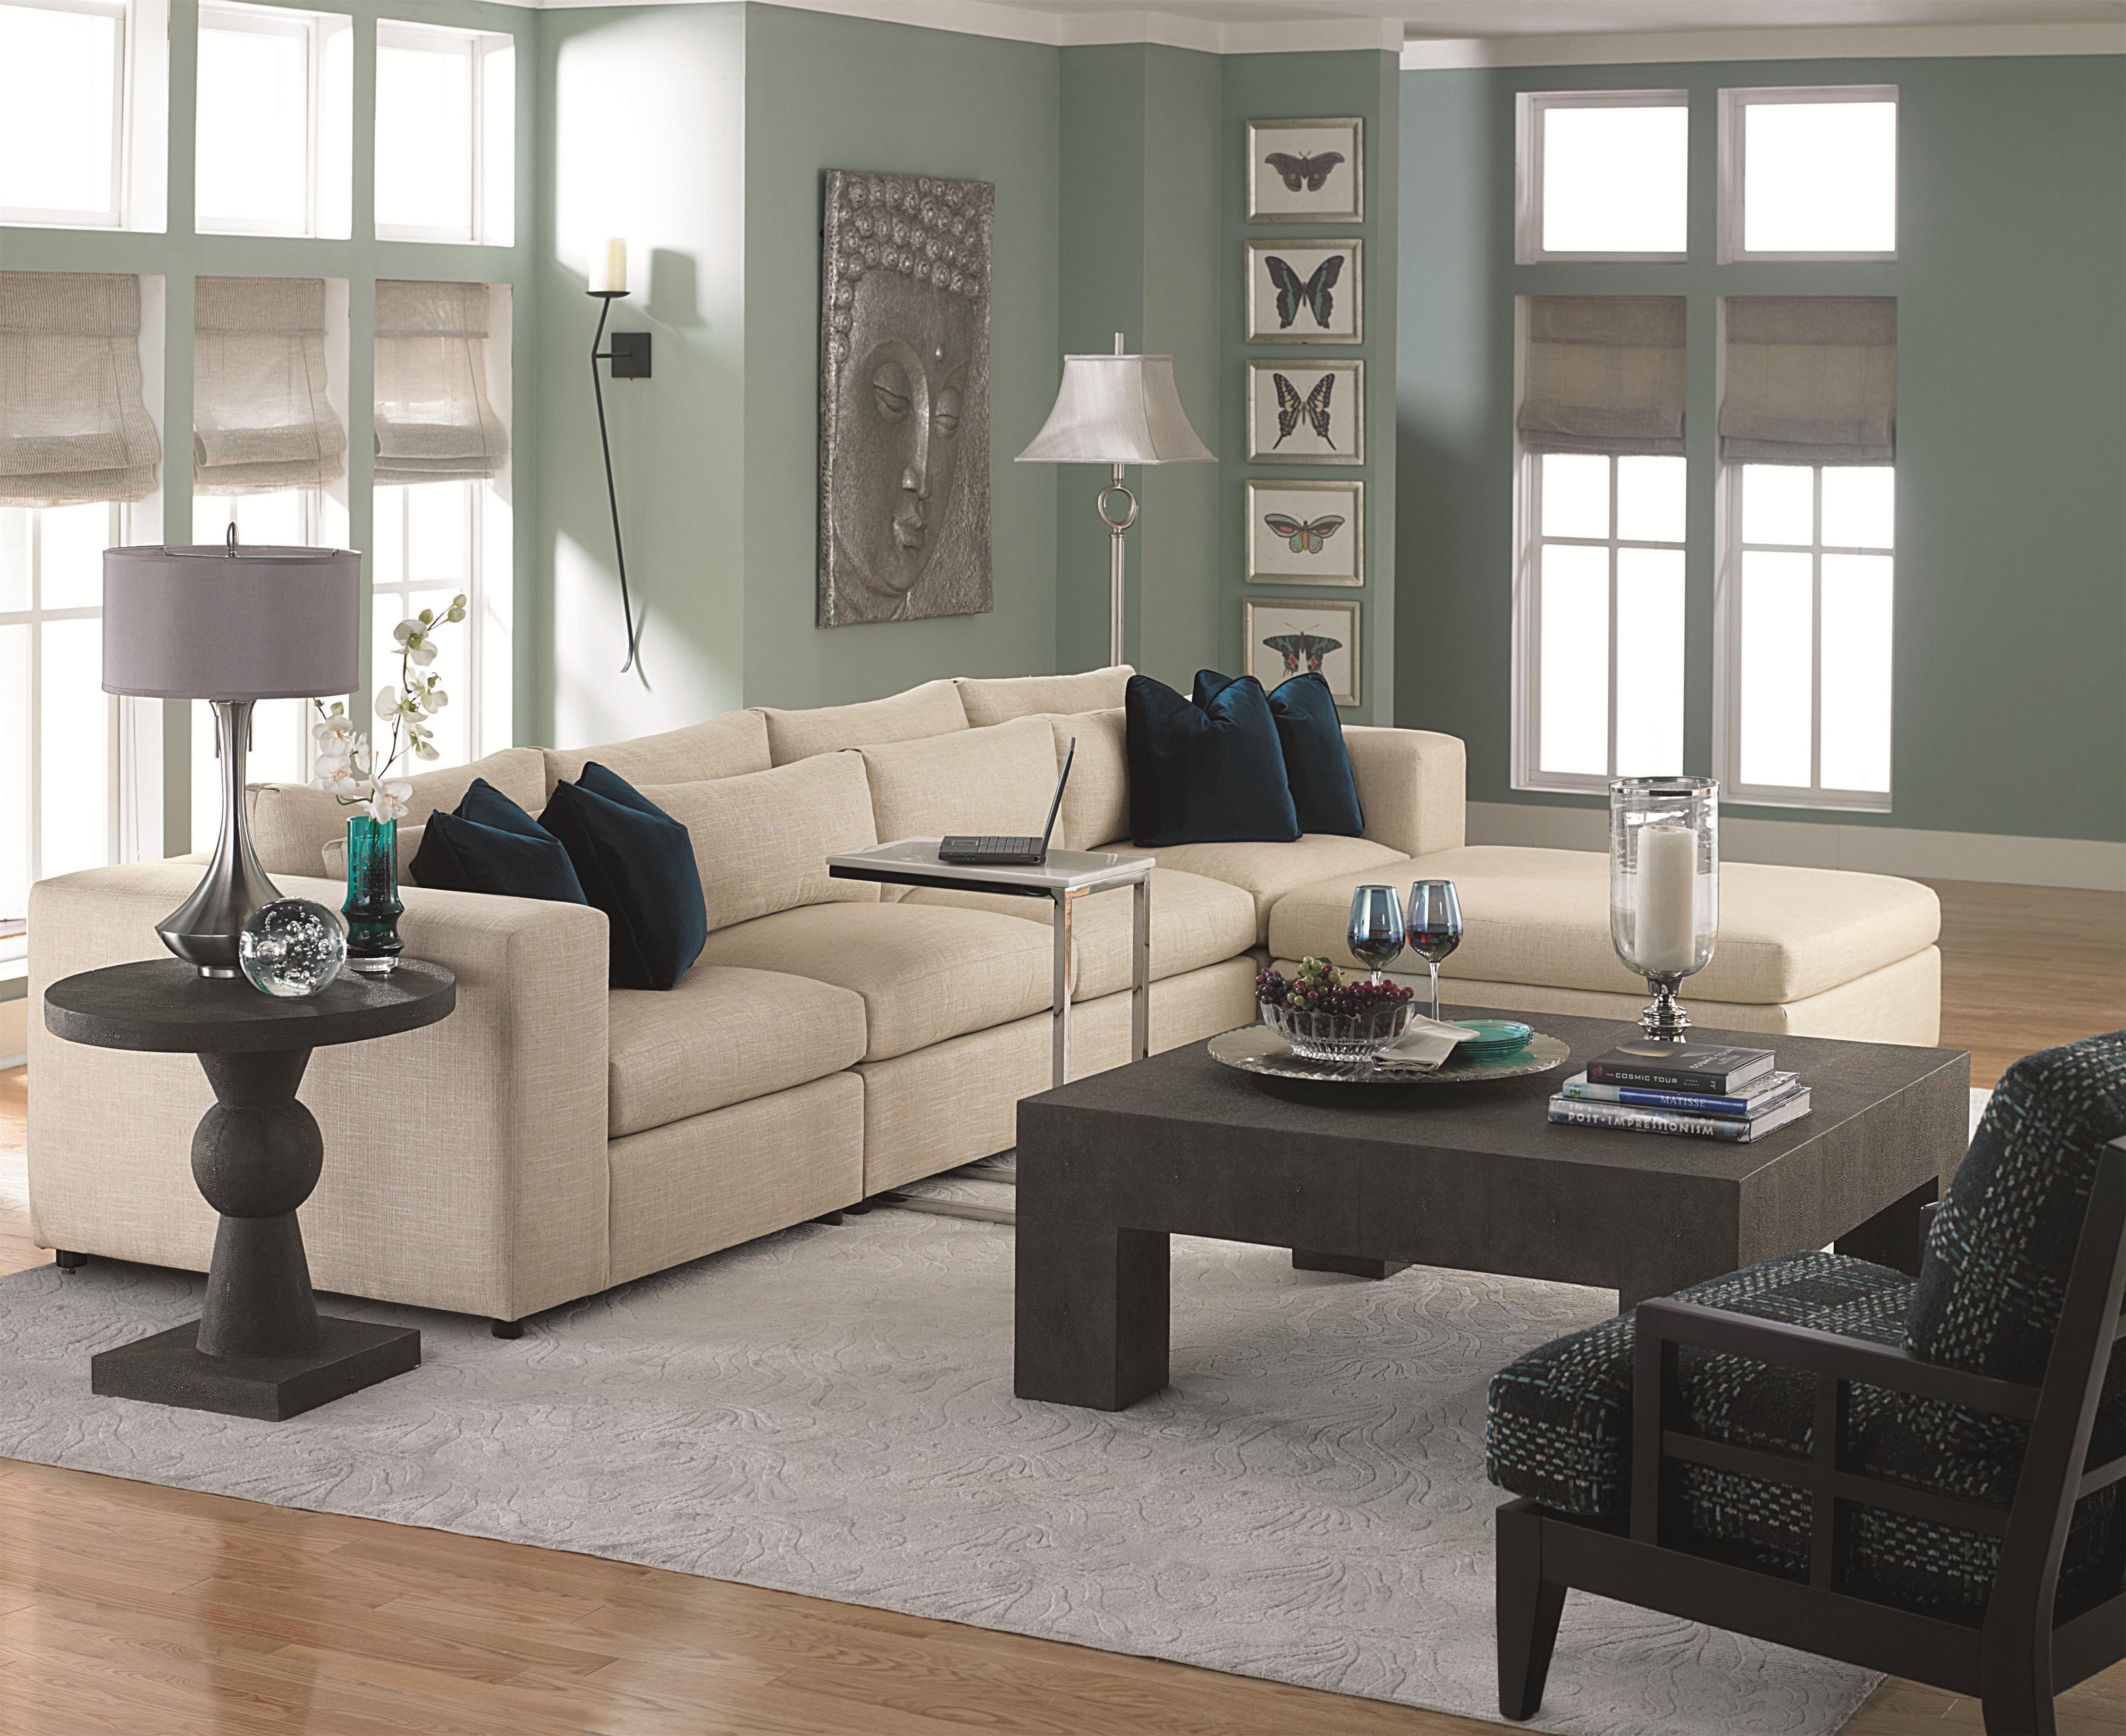 Bernhardt o Contemporary Sectional Sofa with Modern Living Room